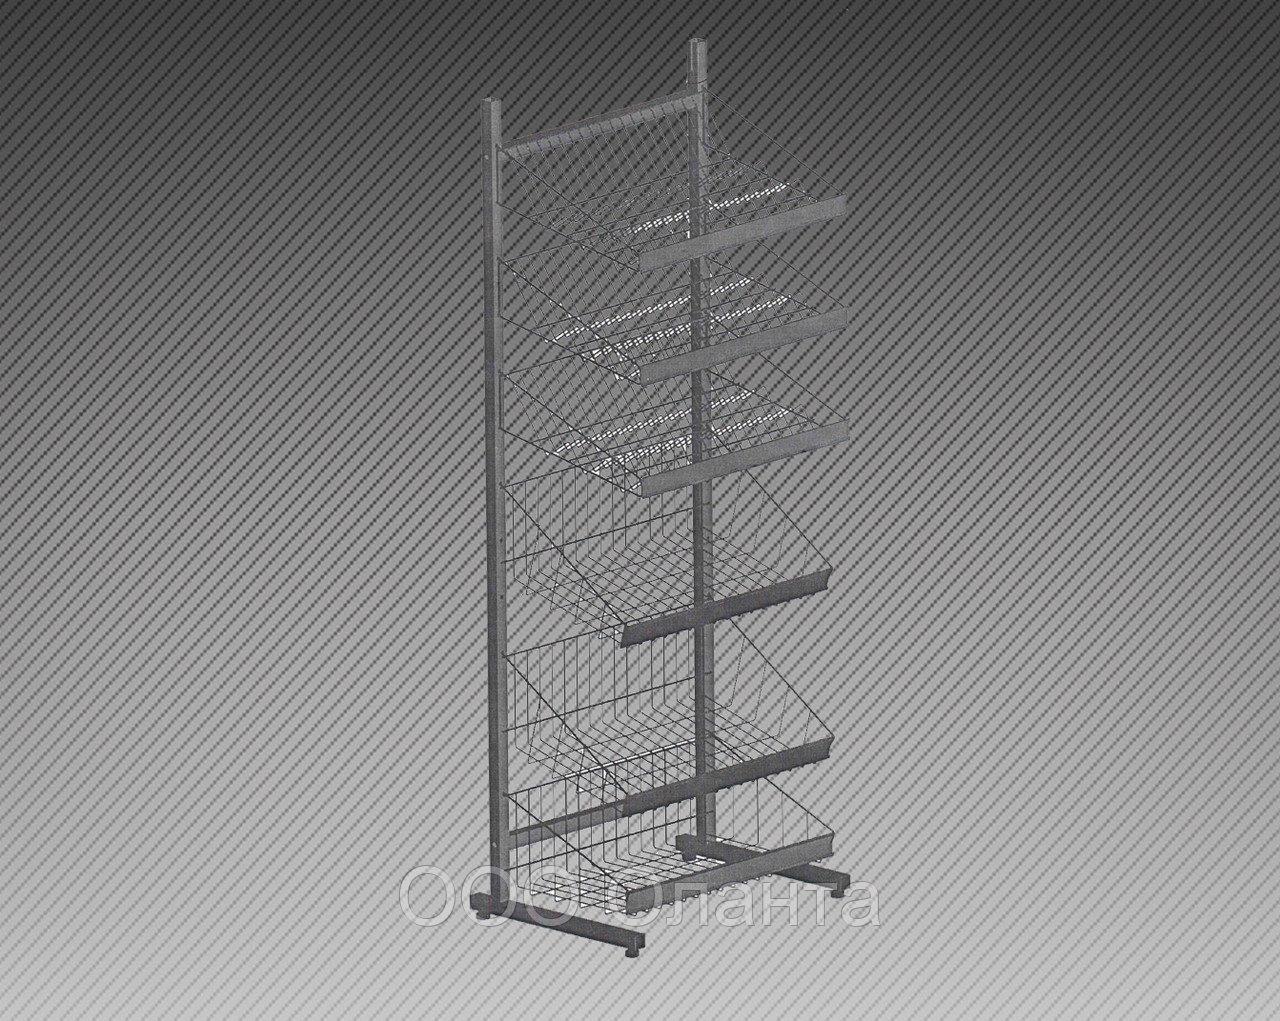 Прикассовая стойка на 6 корзин и 6 полок под шоколад (800х800х1450 мм) арт. СтПр87